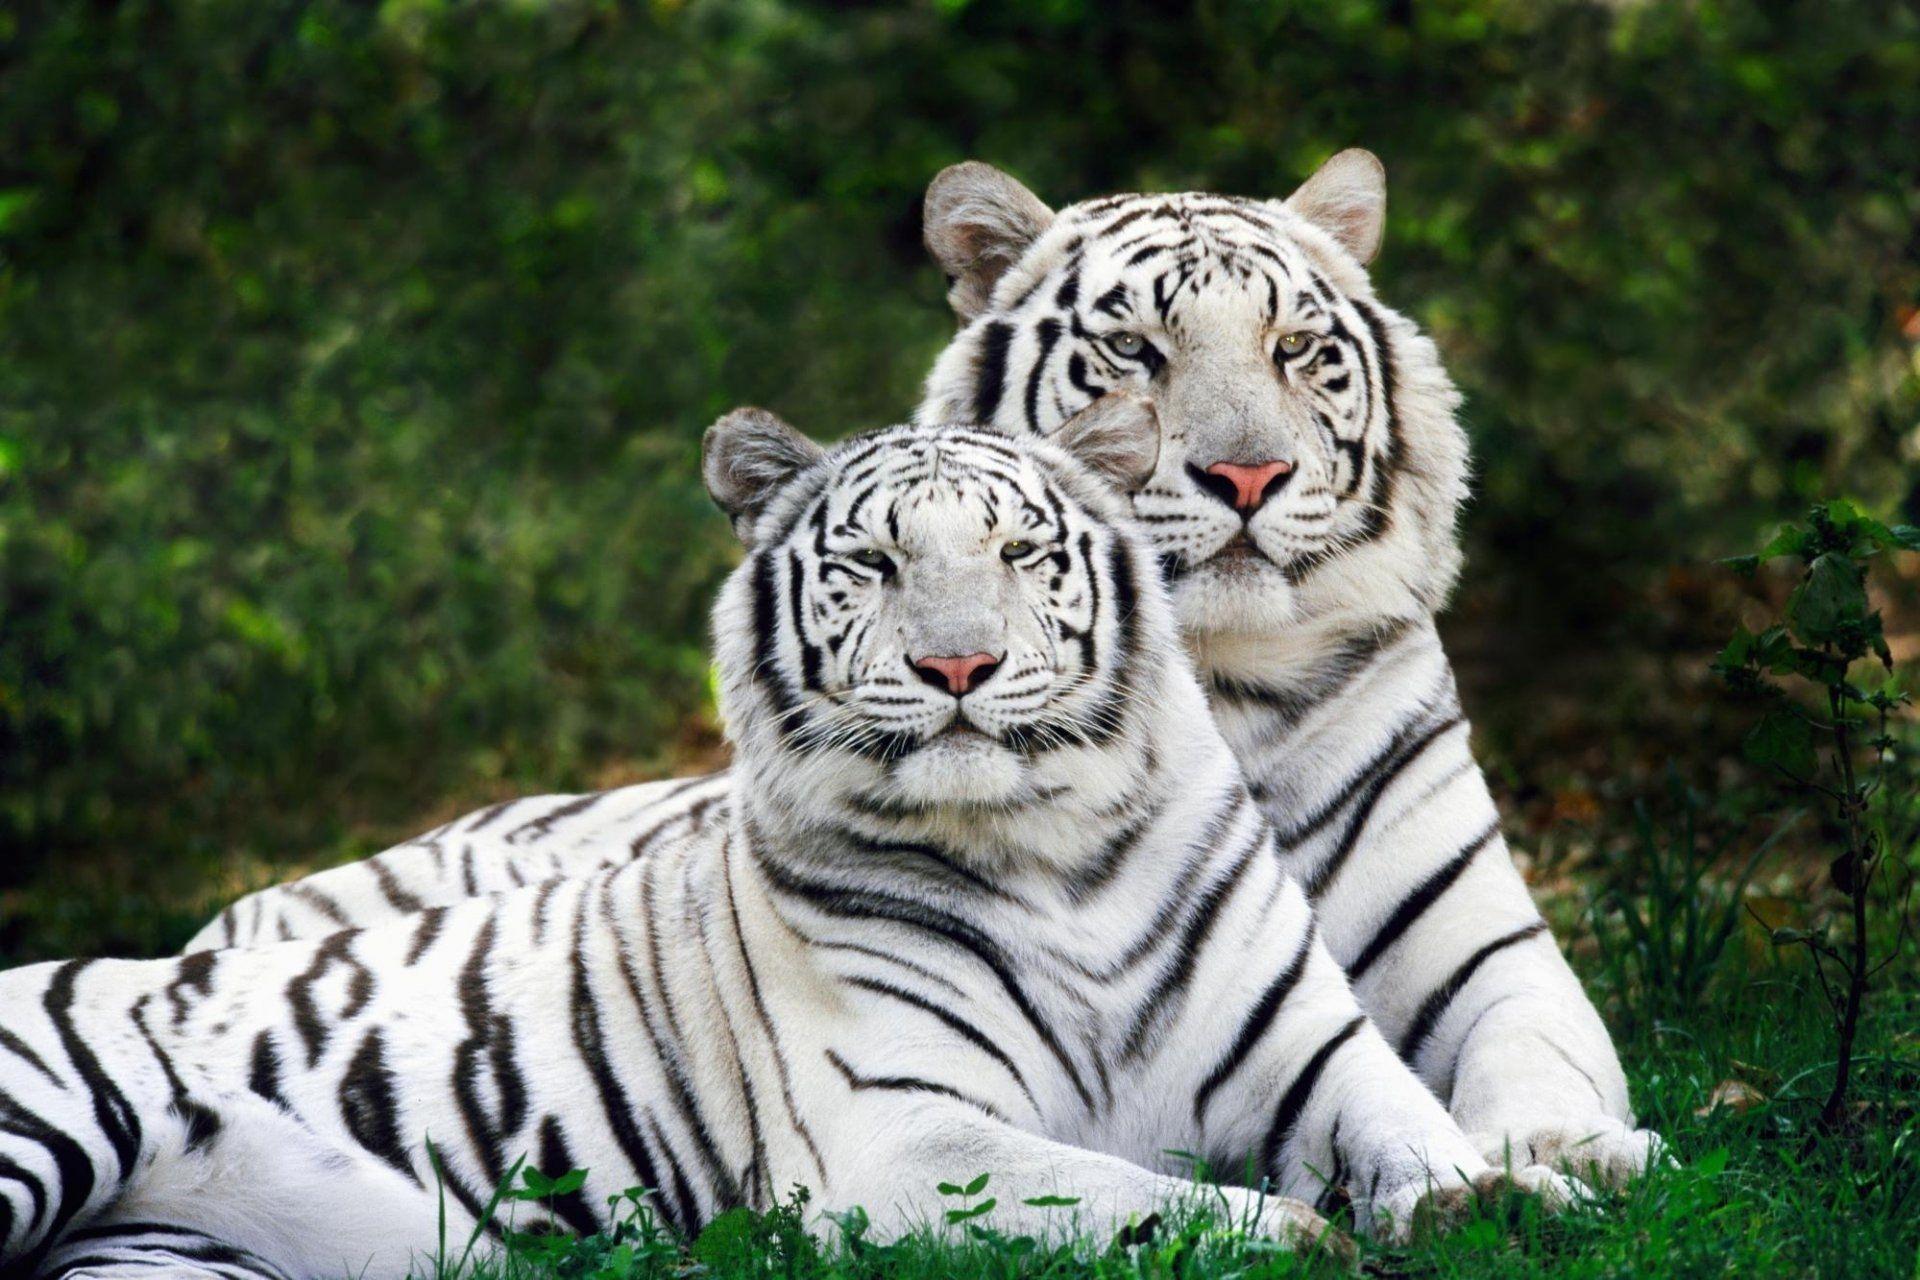 Two White Tigers, PC Wallpaper